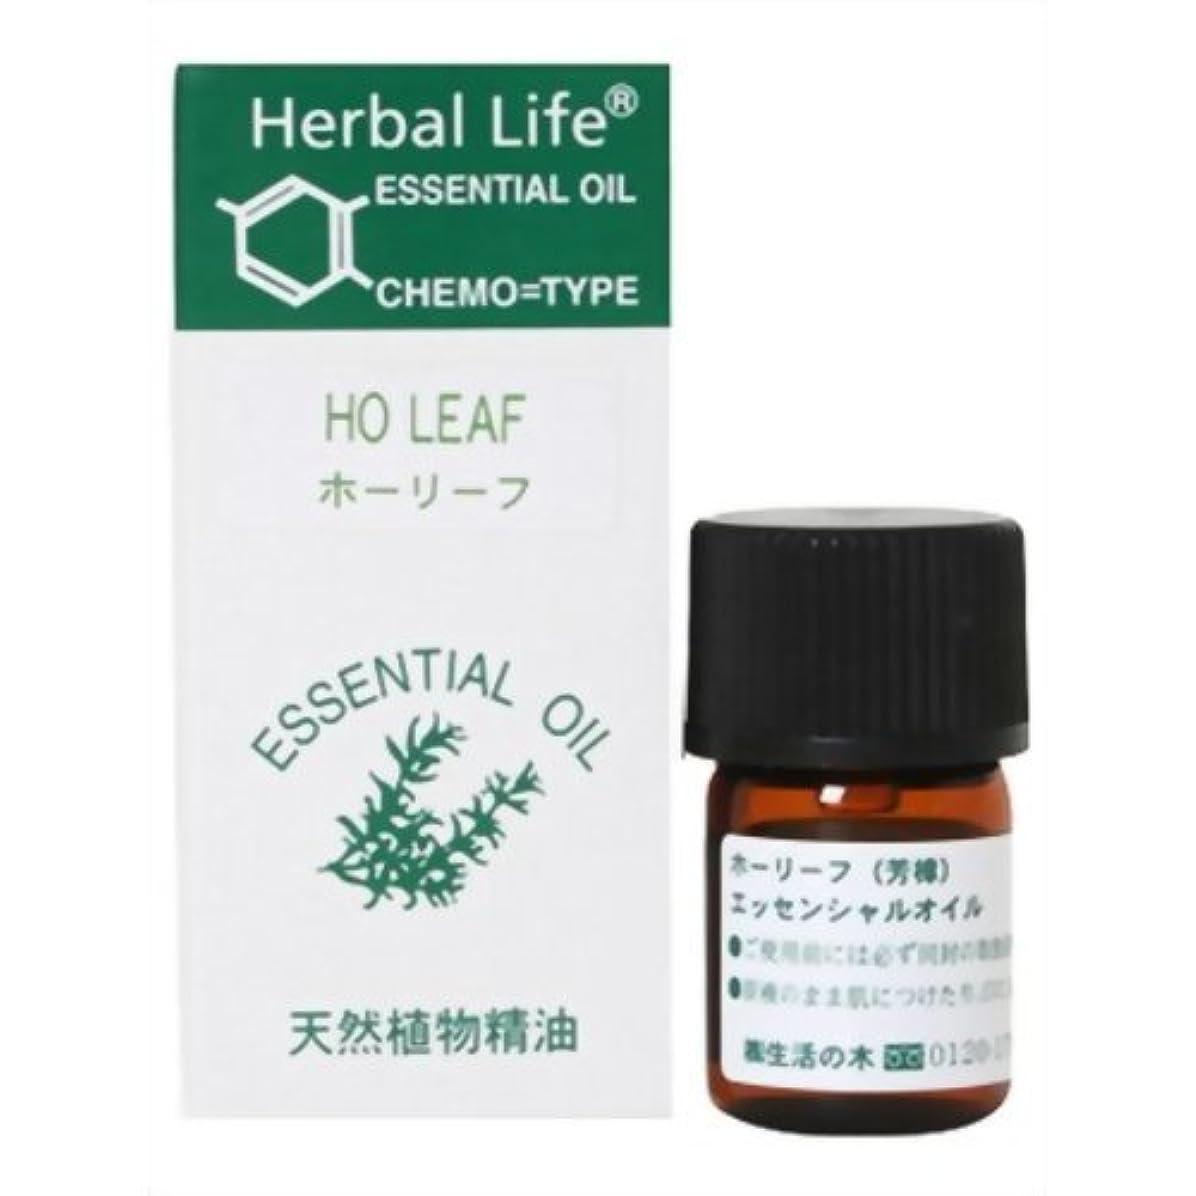 不利益スタンドくそー生活の木 Herbal Life ホーリーフ 3ml